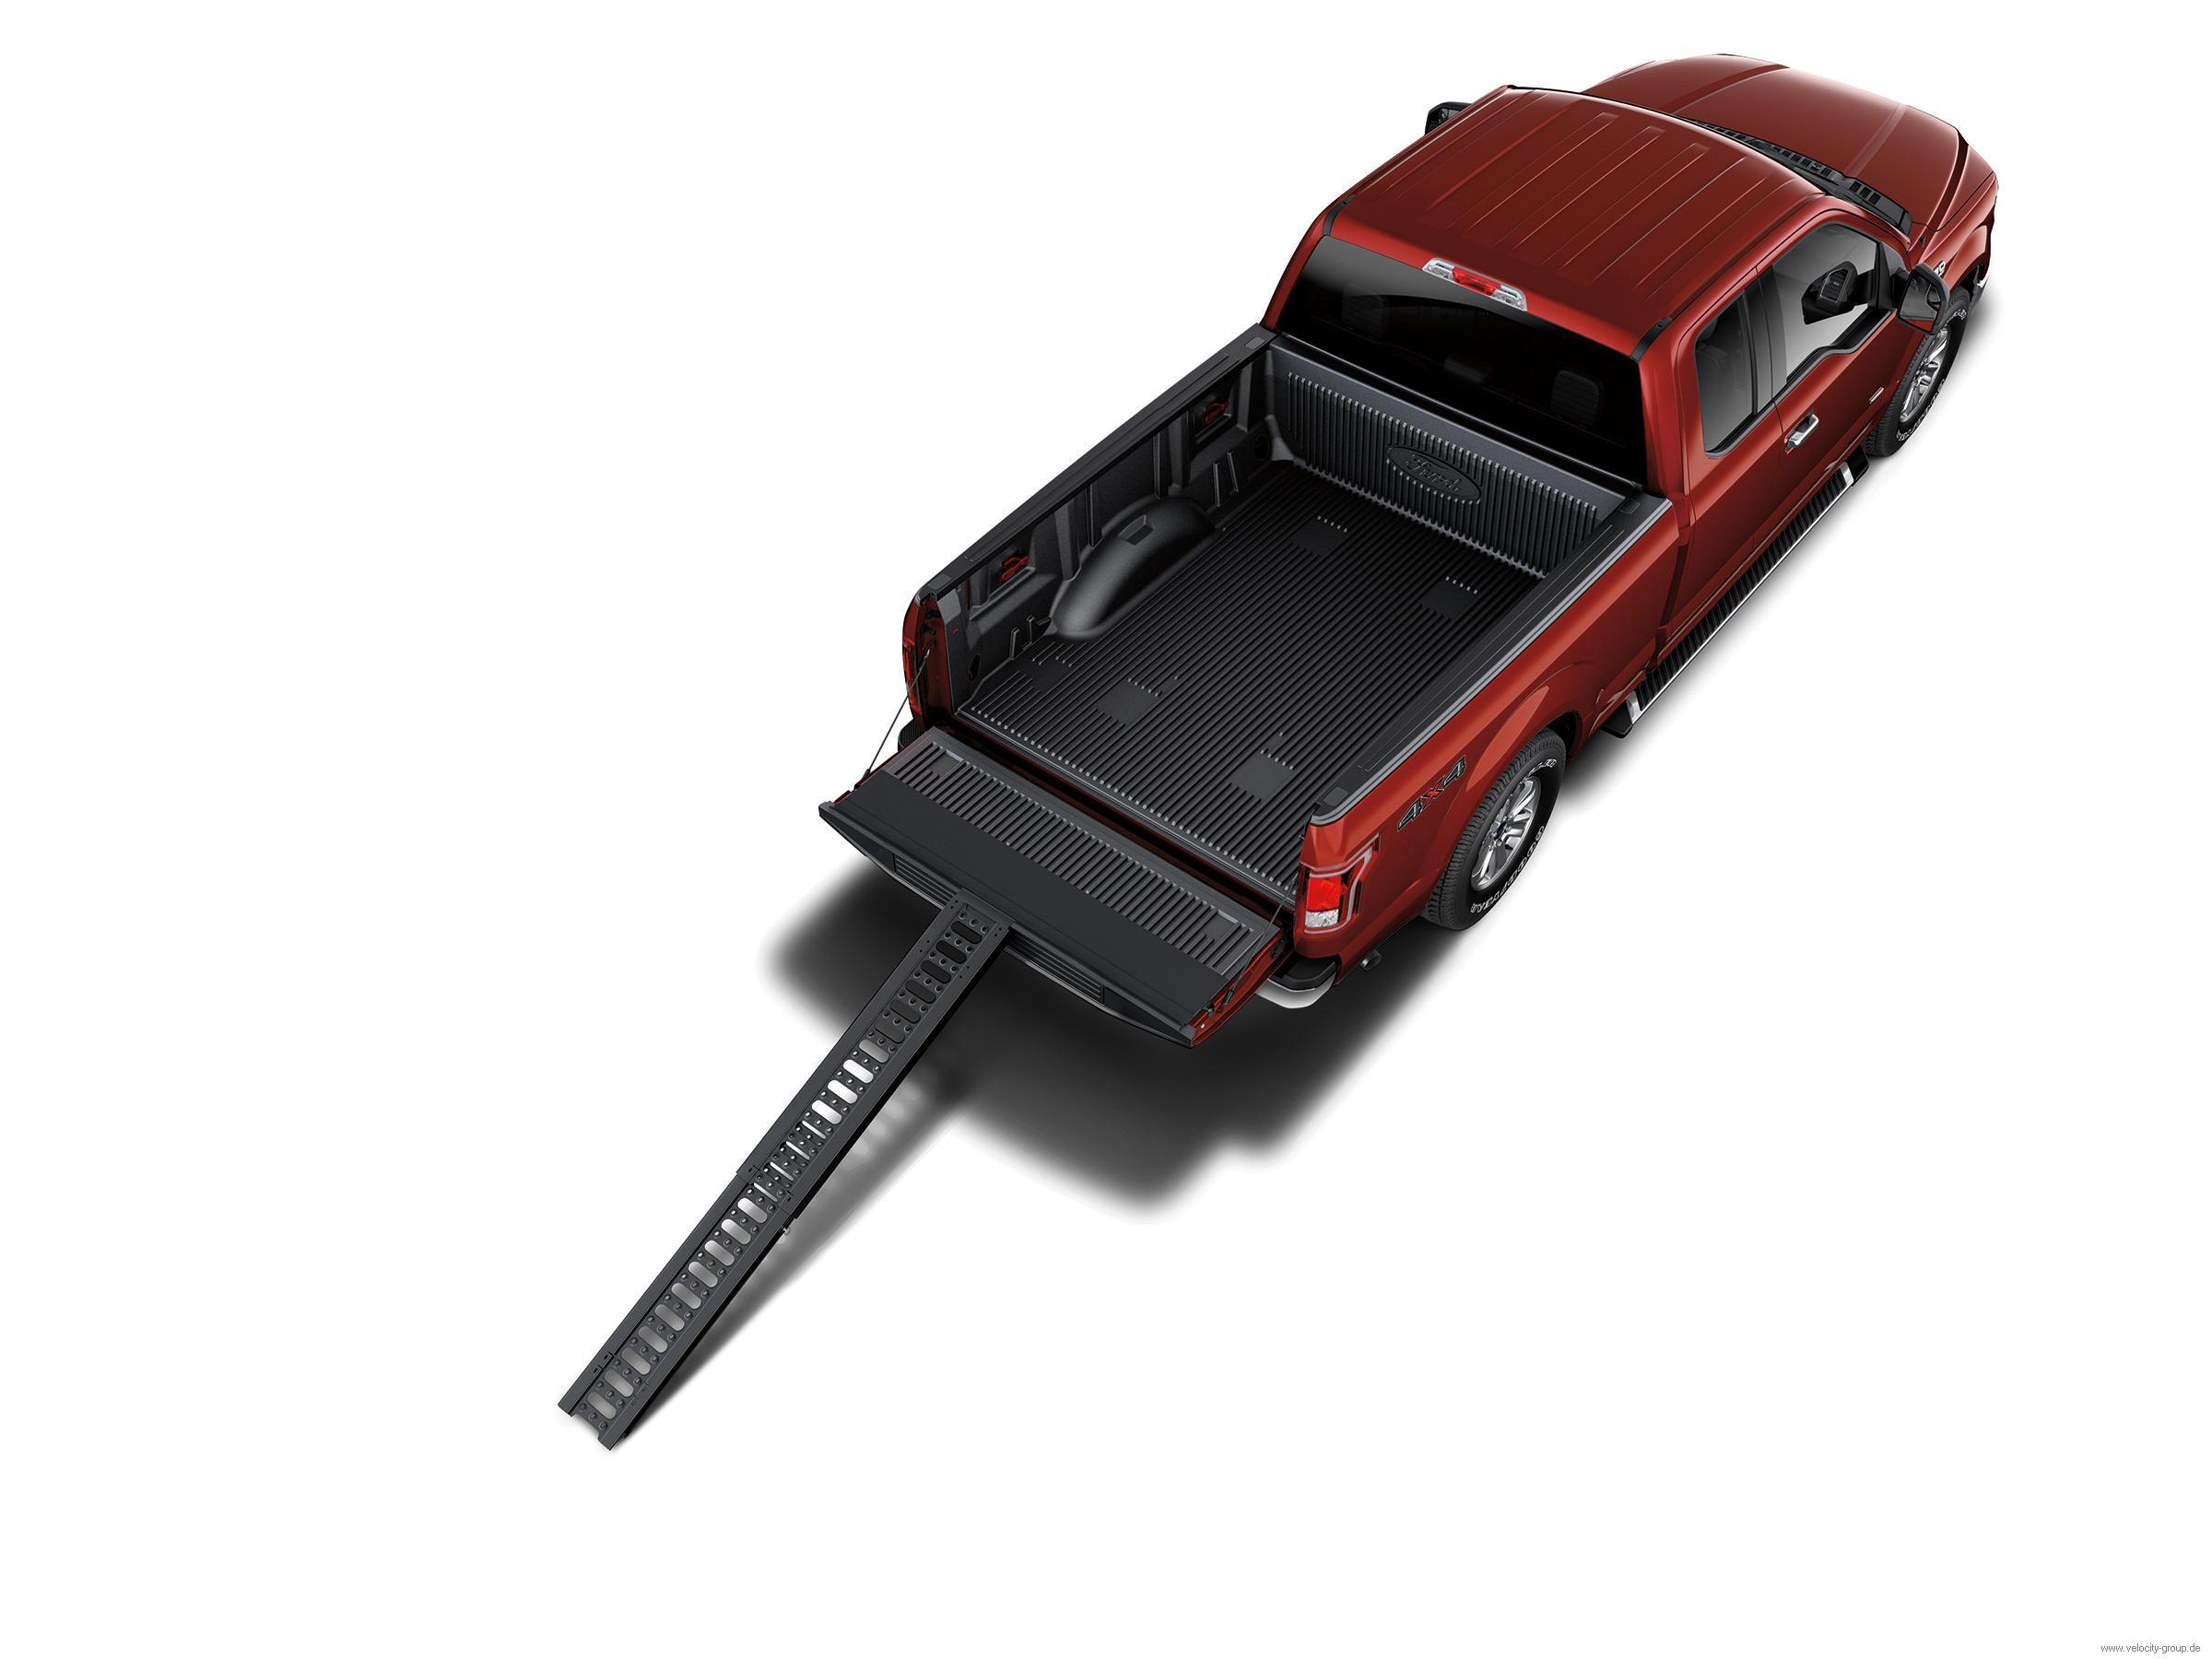 15-17 Ford F-150 Rampe für Ladefläche